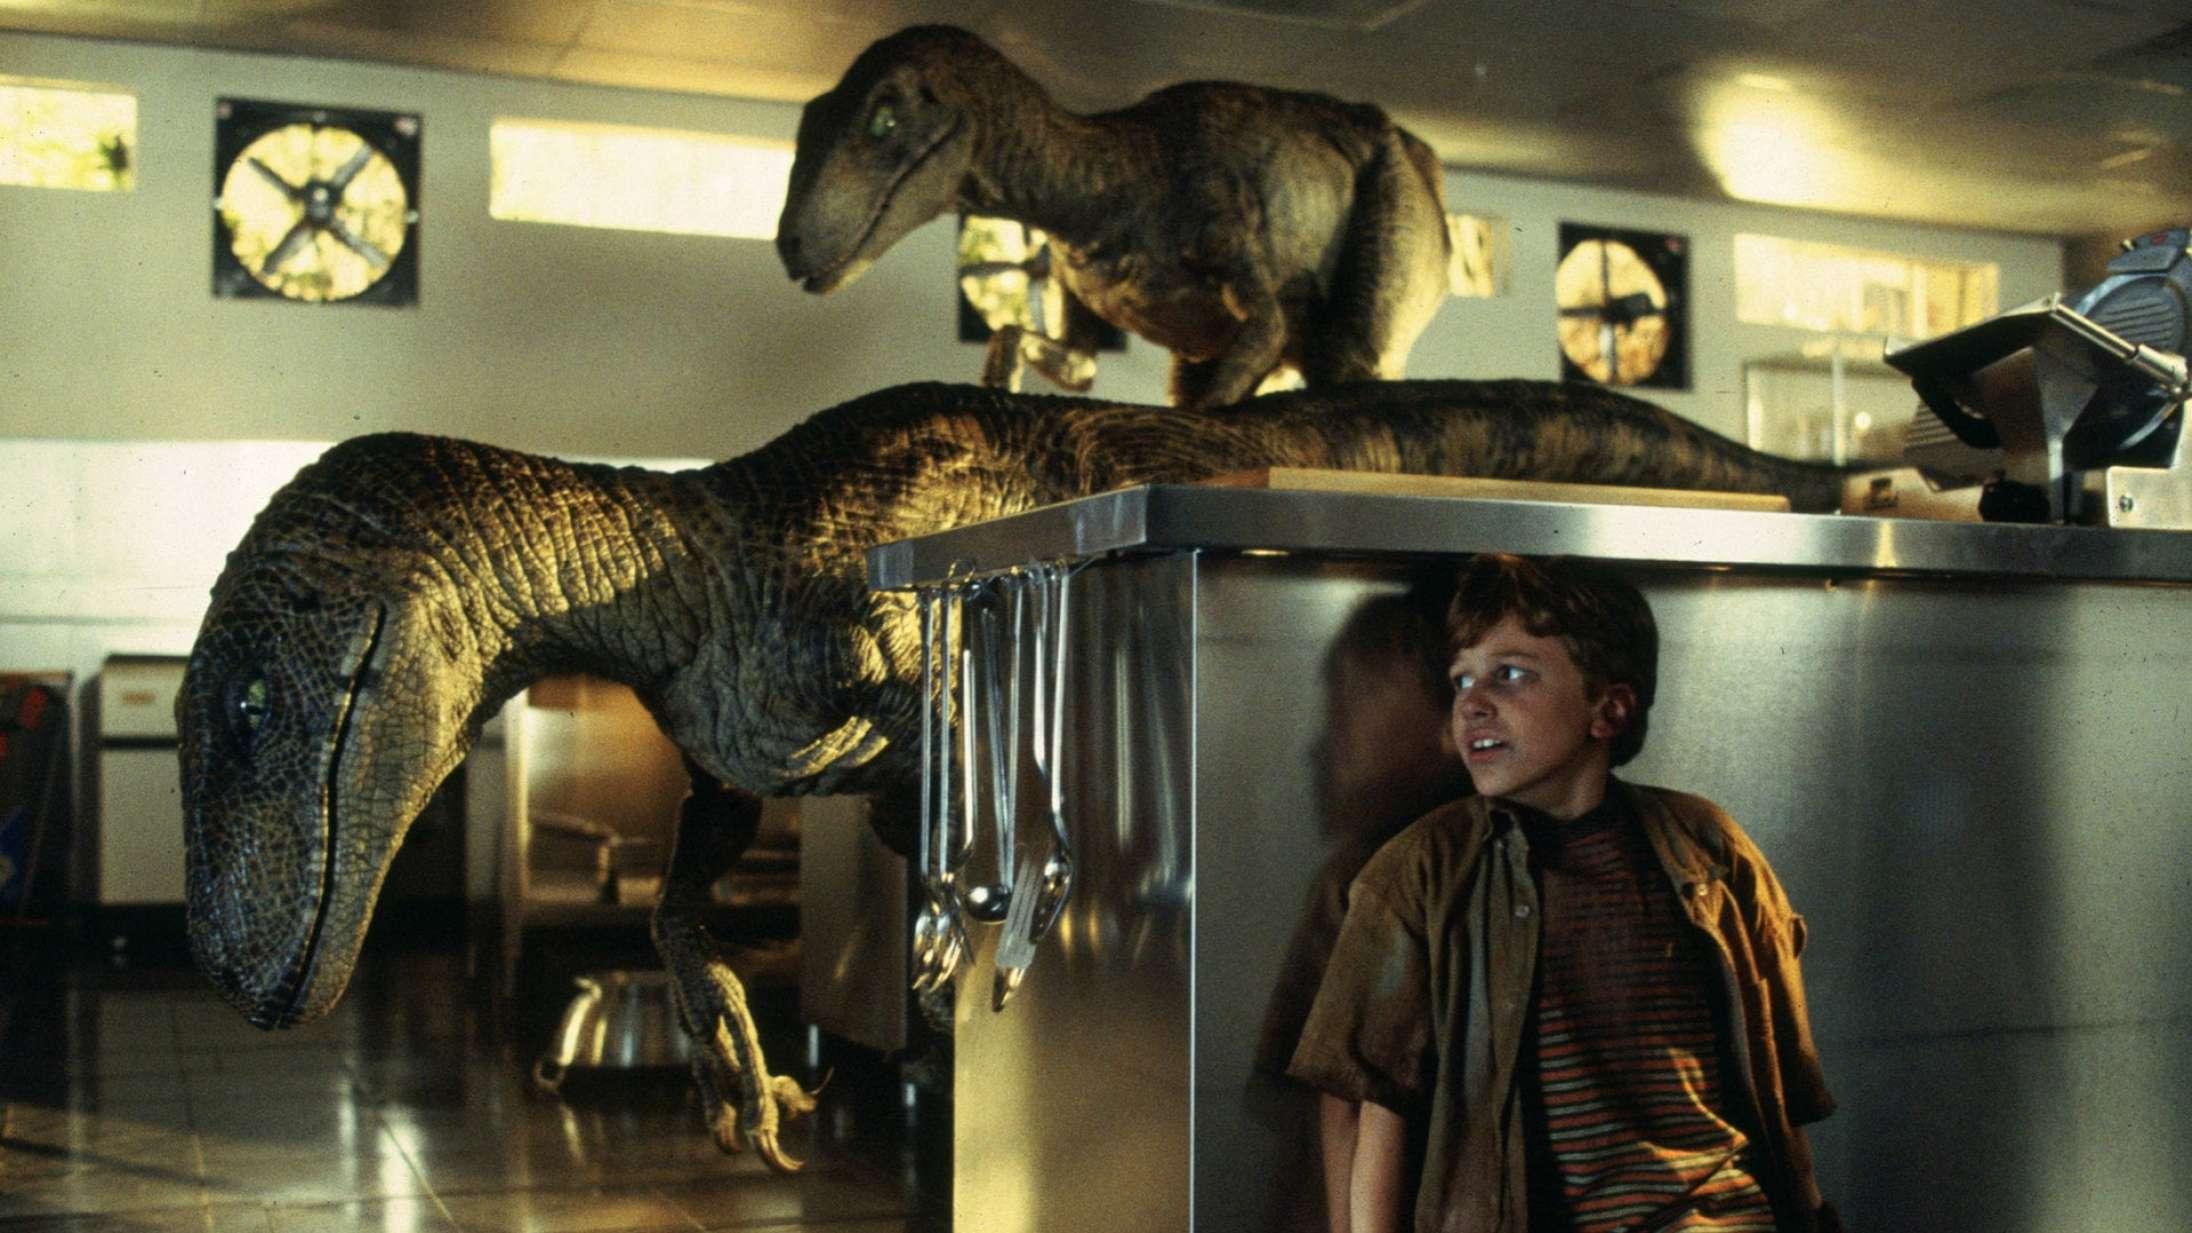 Kan Elon Musks nye teknologi bane vejen for virkelighedens 'Jurassic Park'?